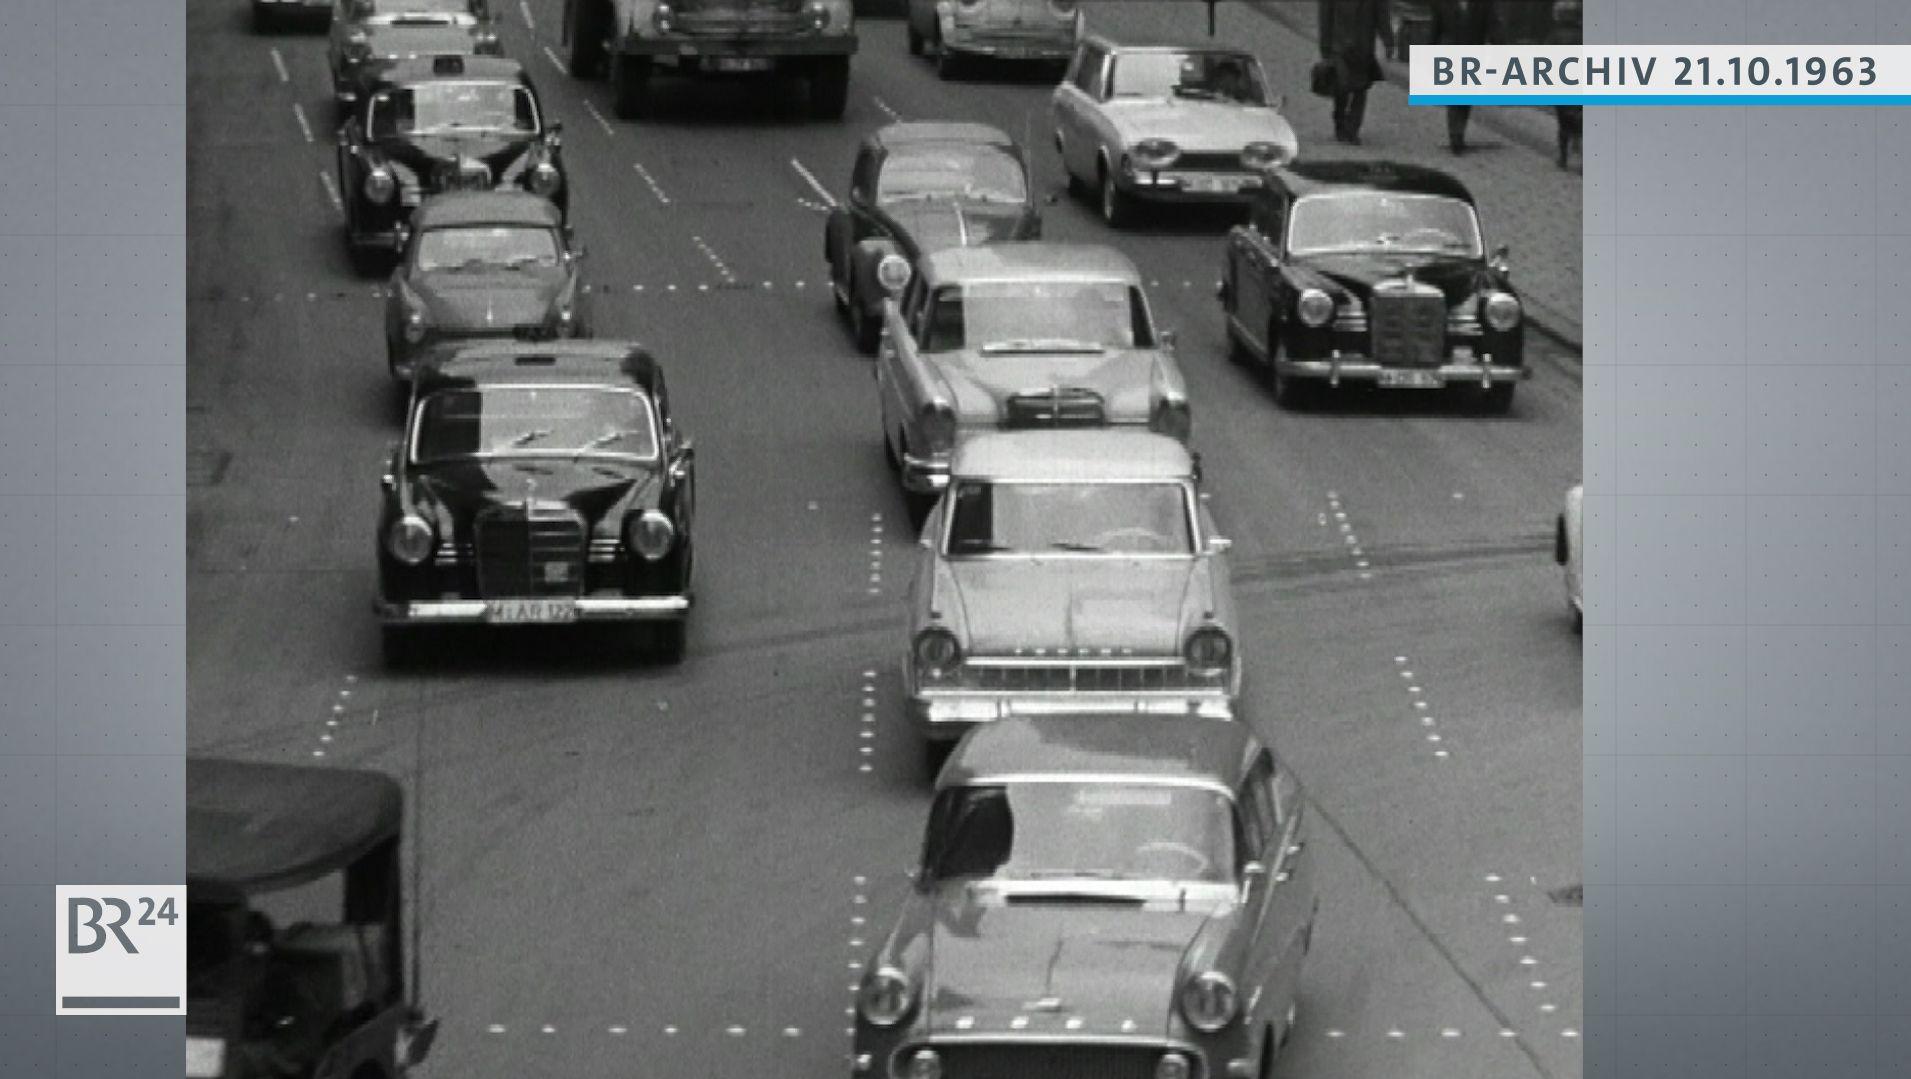 Viele Autos auf der Straße